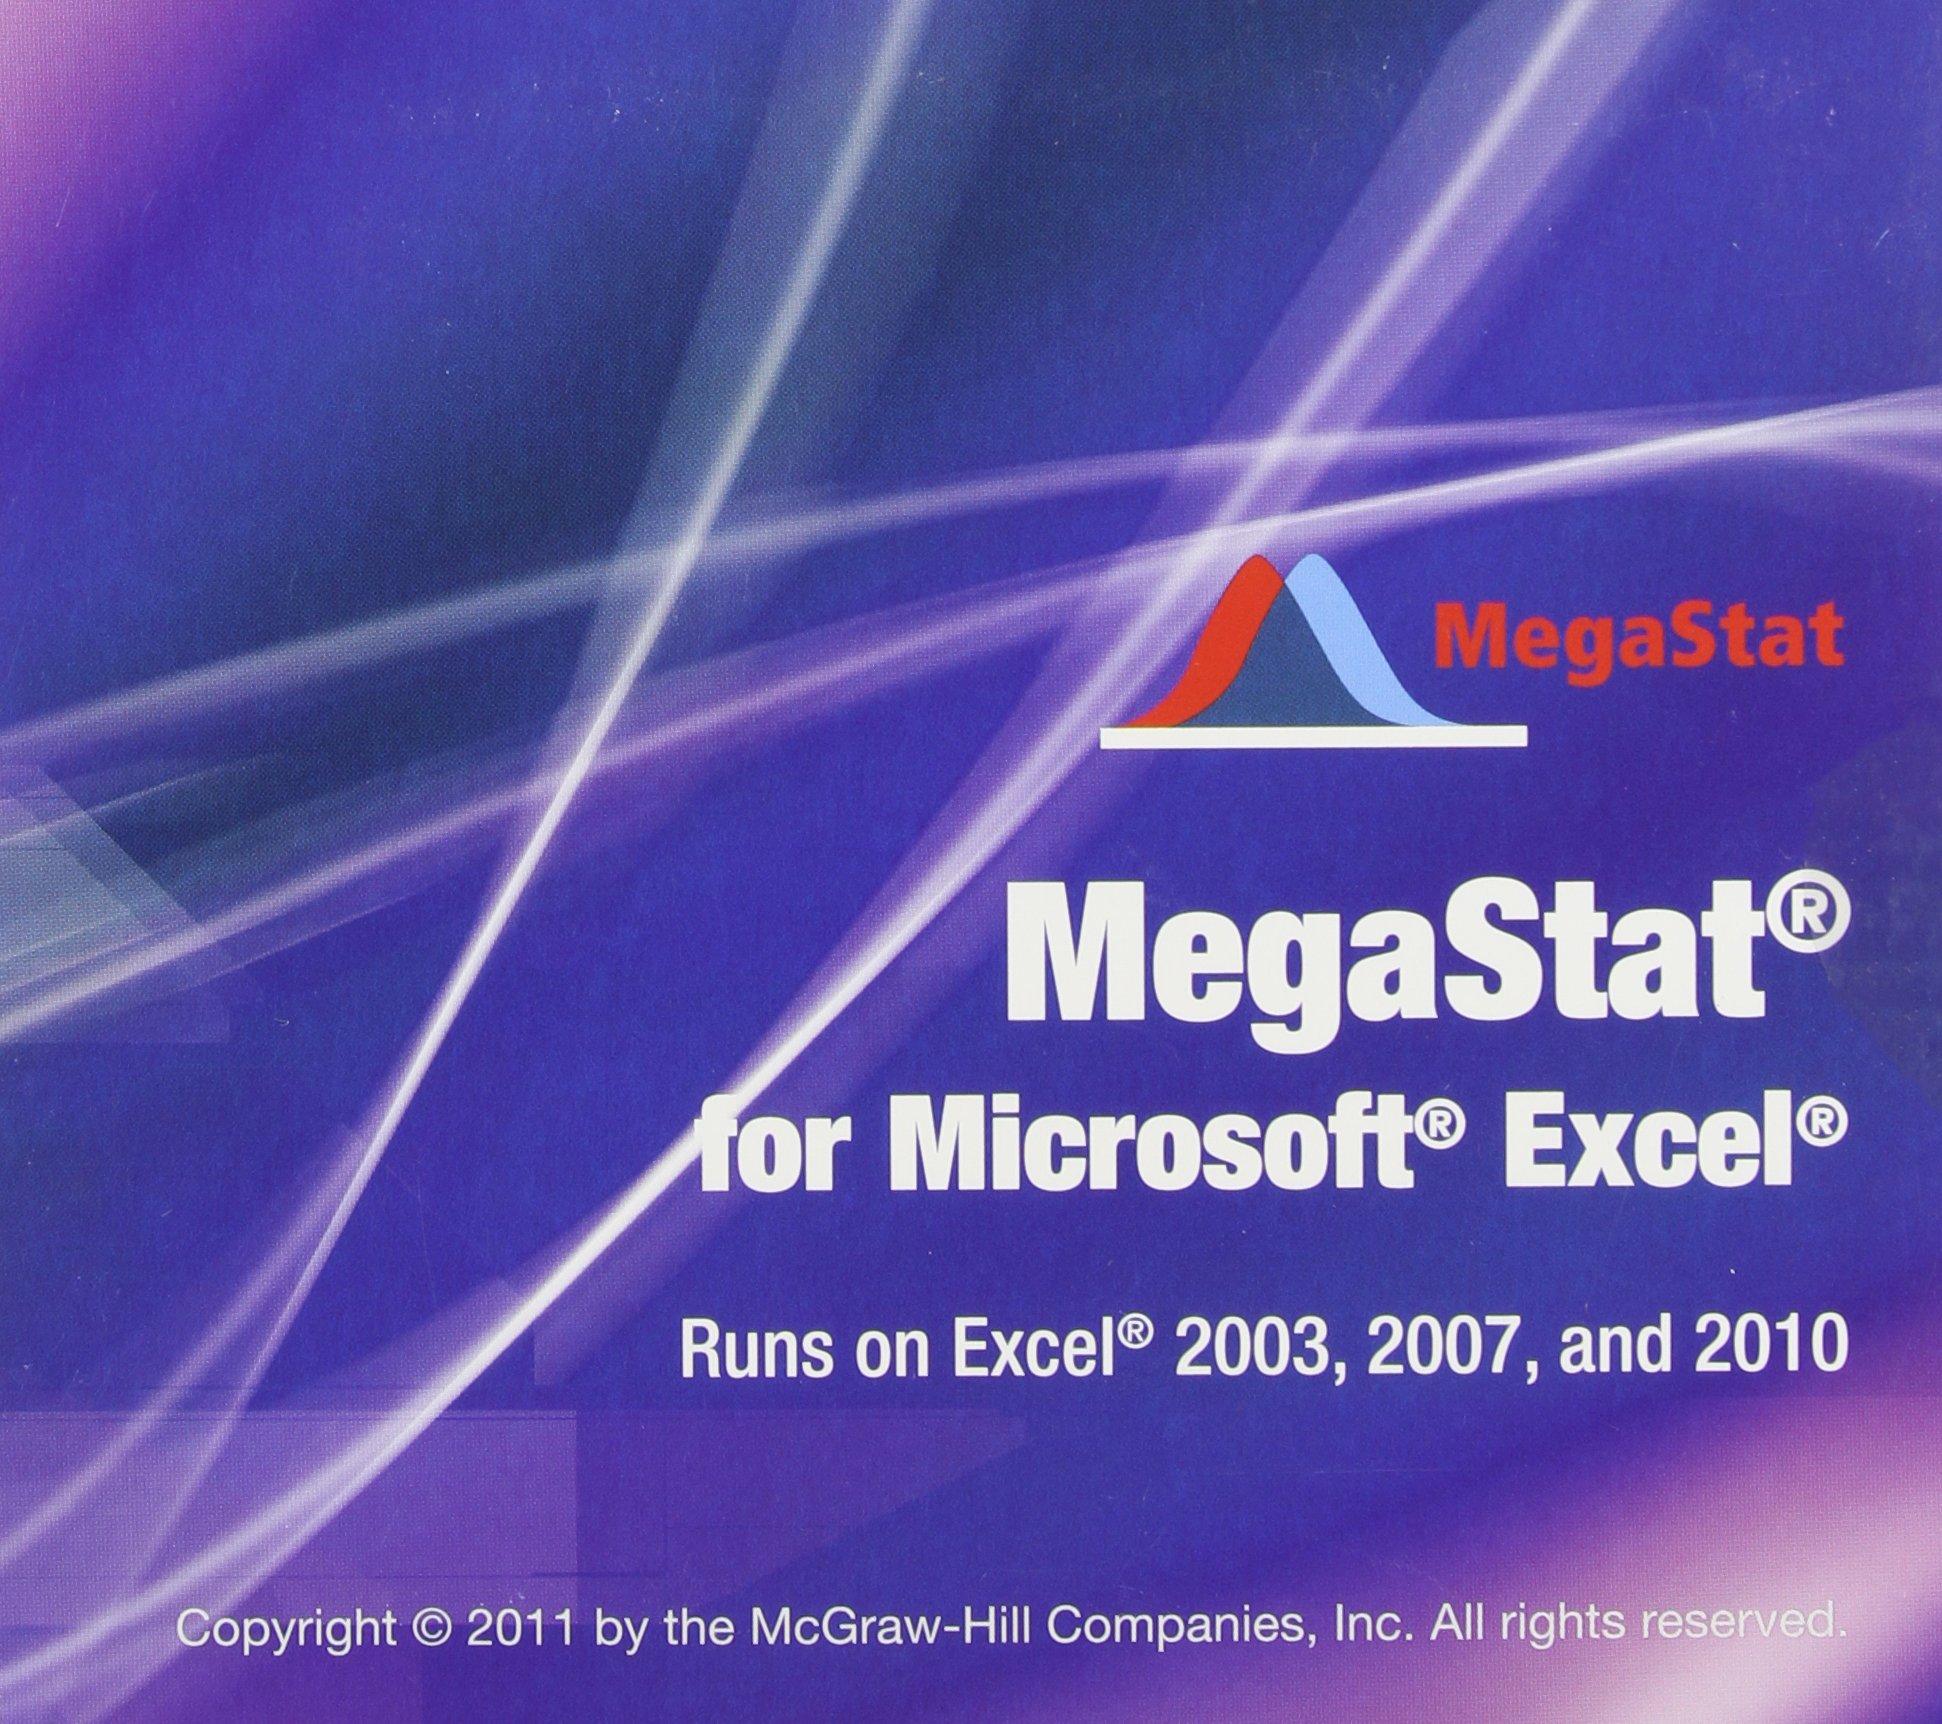 megastat free download for excel 2010